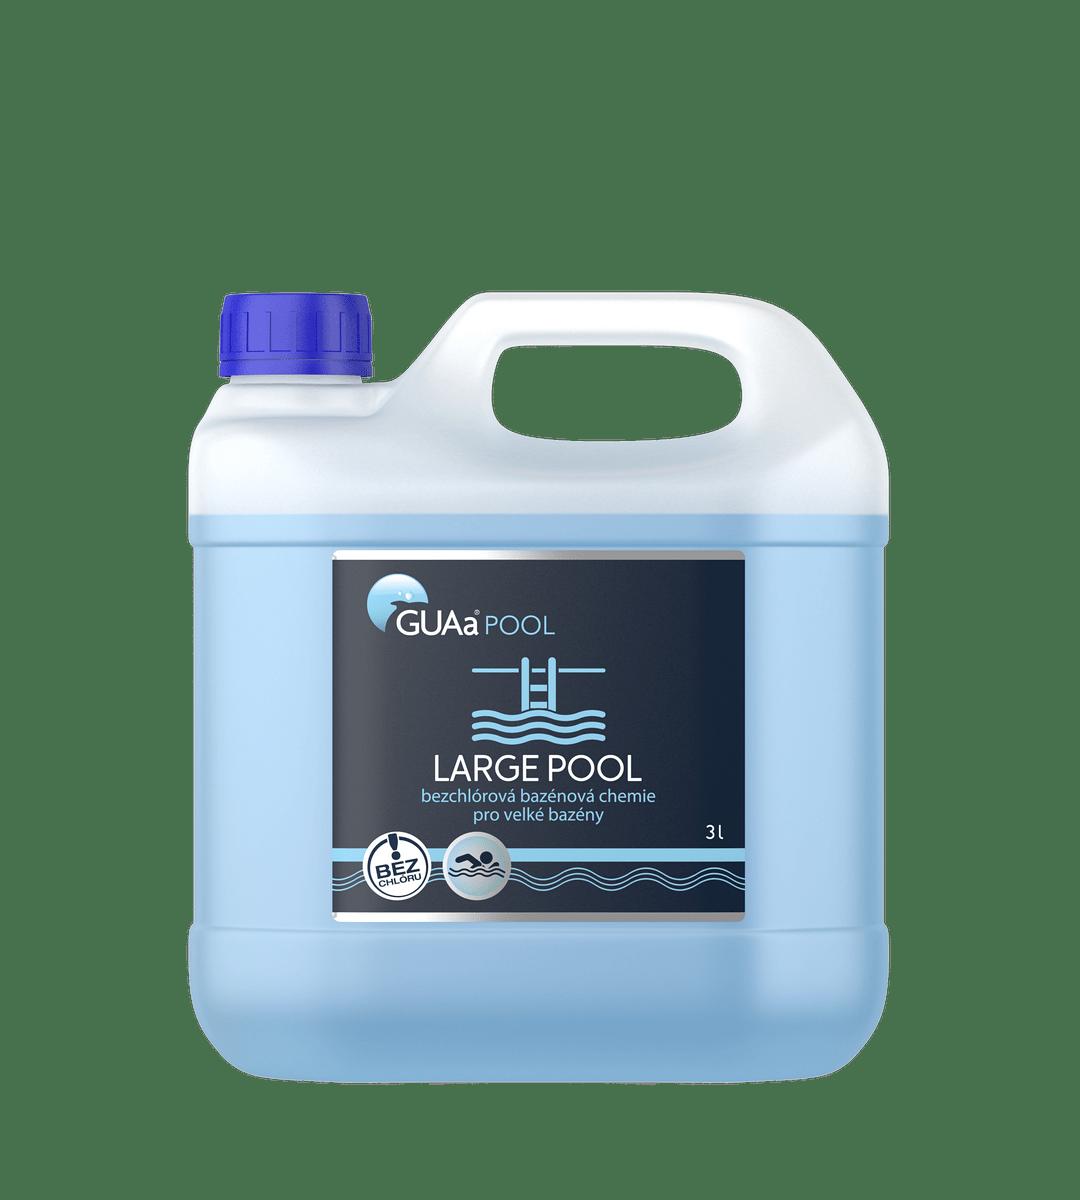 GUAa POOL LARGE POOL 3 l - bezchlórová bazénová chemie pro velké bazény